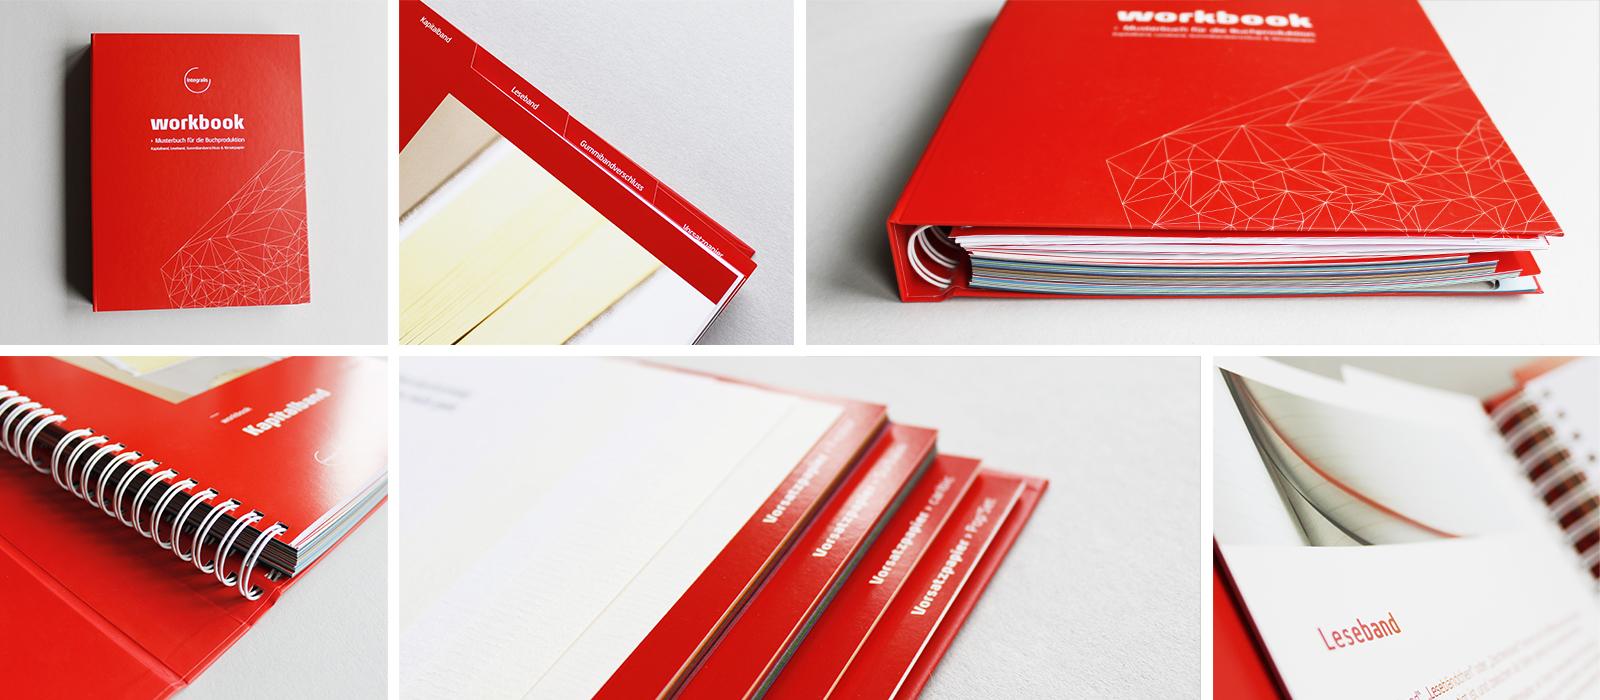 Integralis-Referenz-Workbook